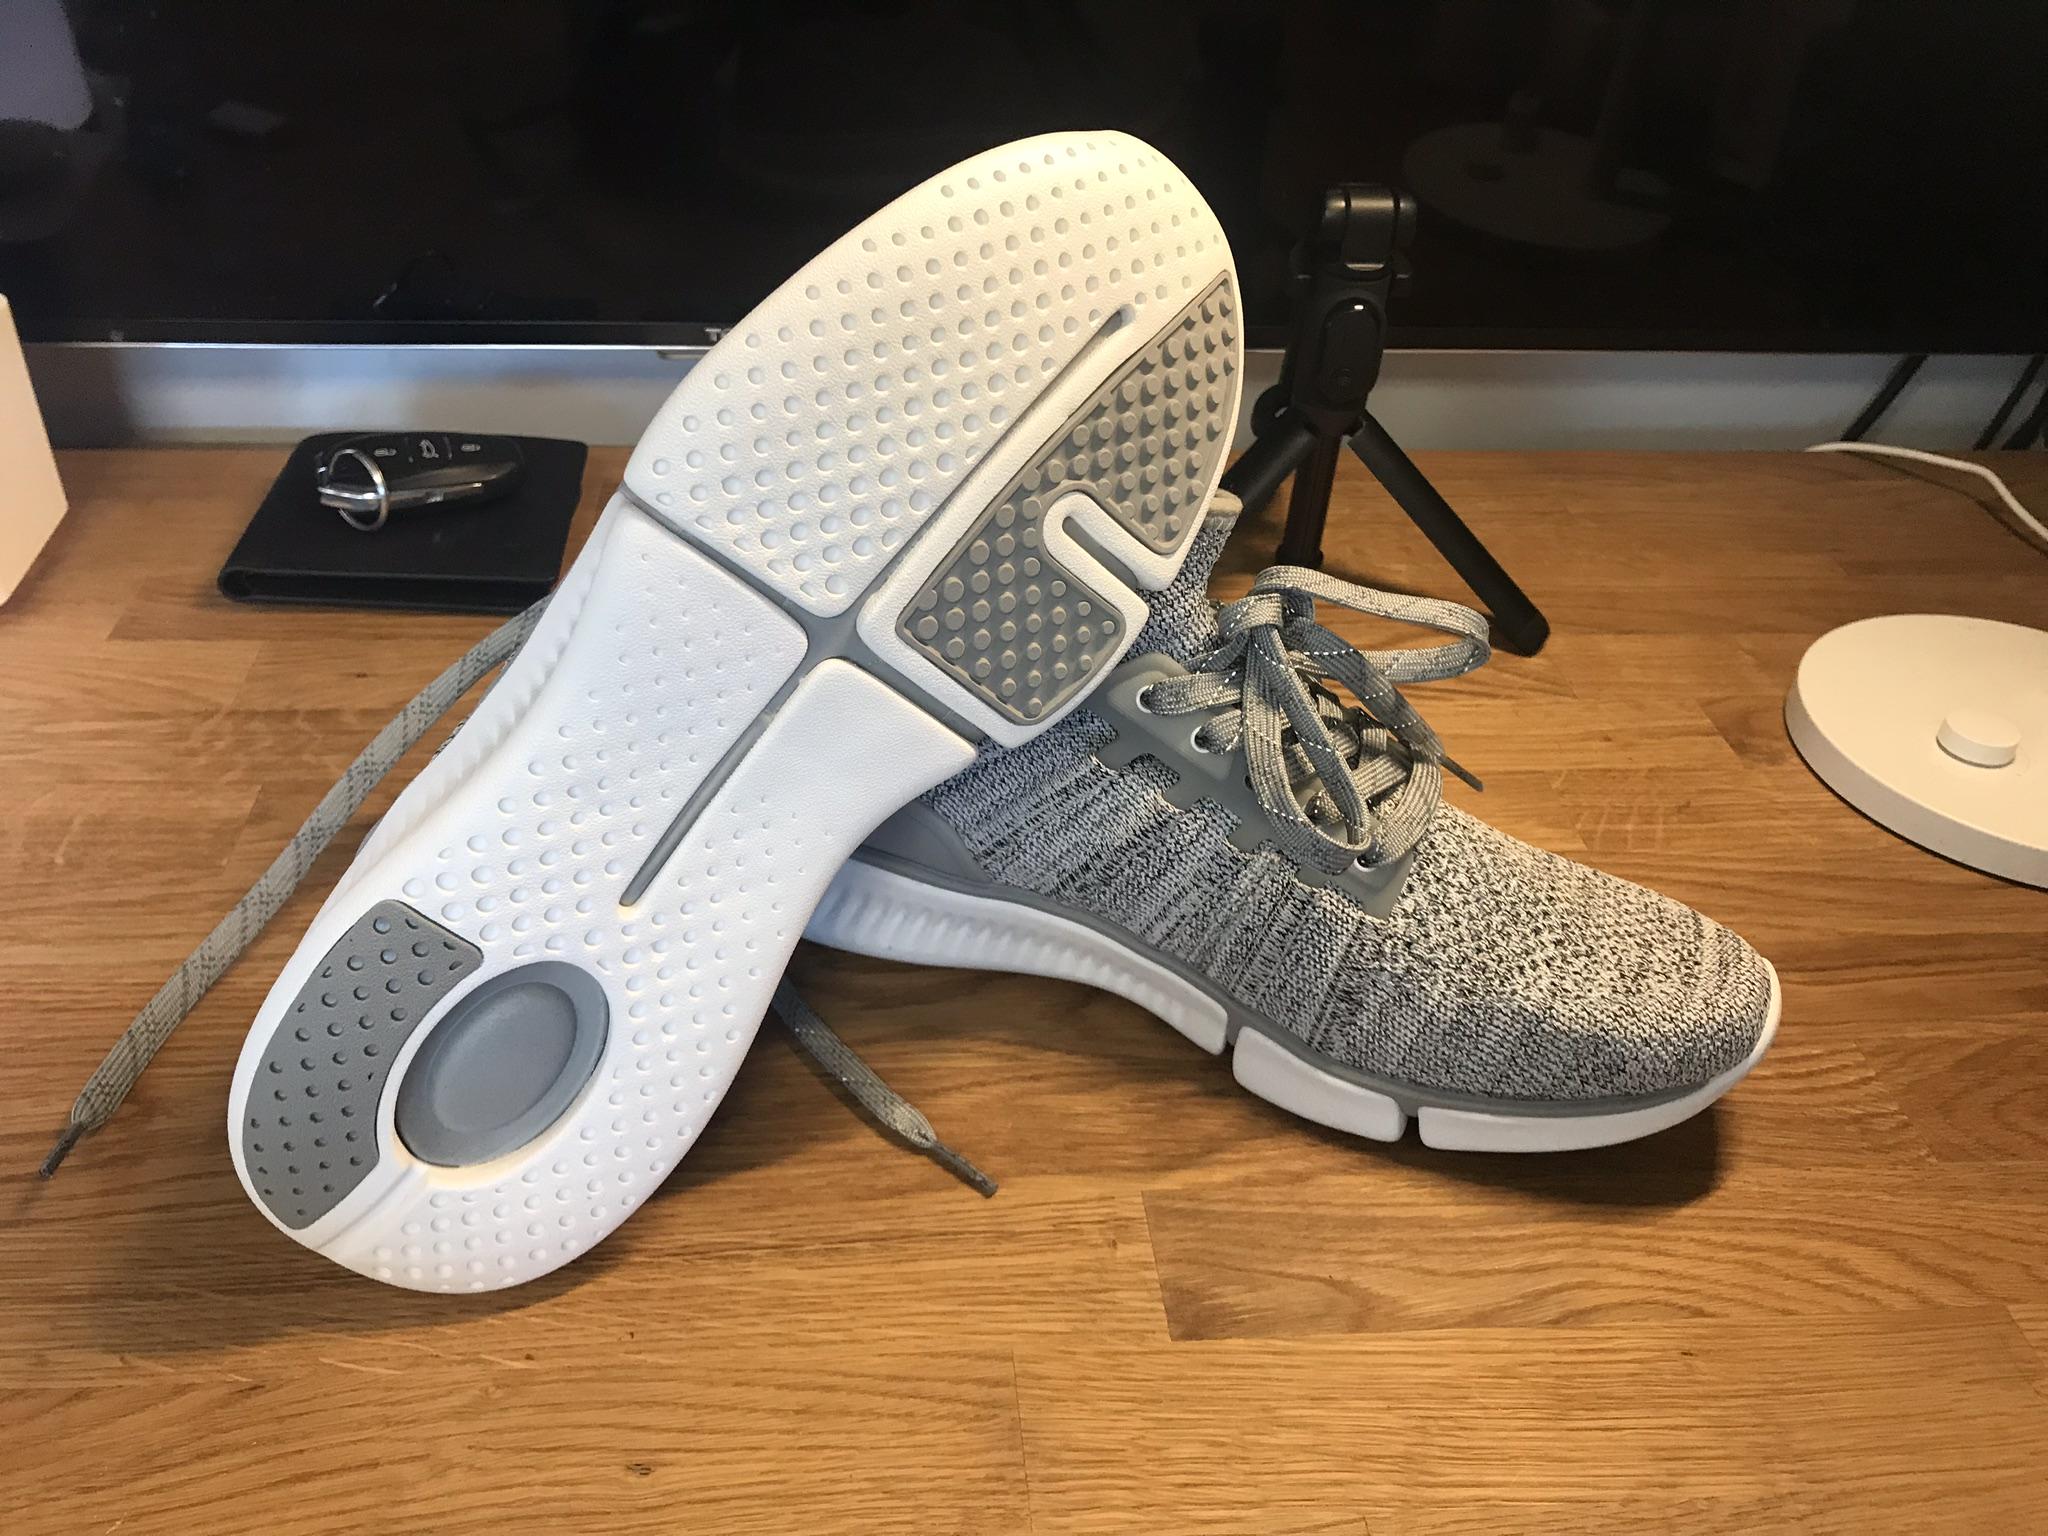 cipele xiaomi